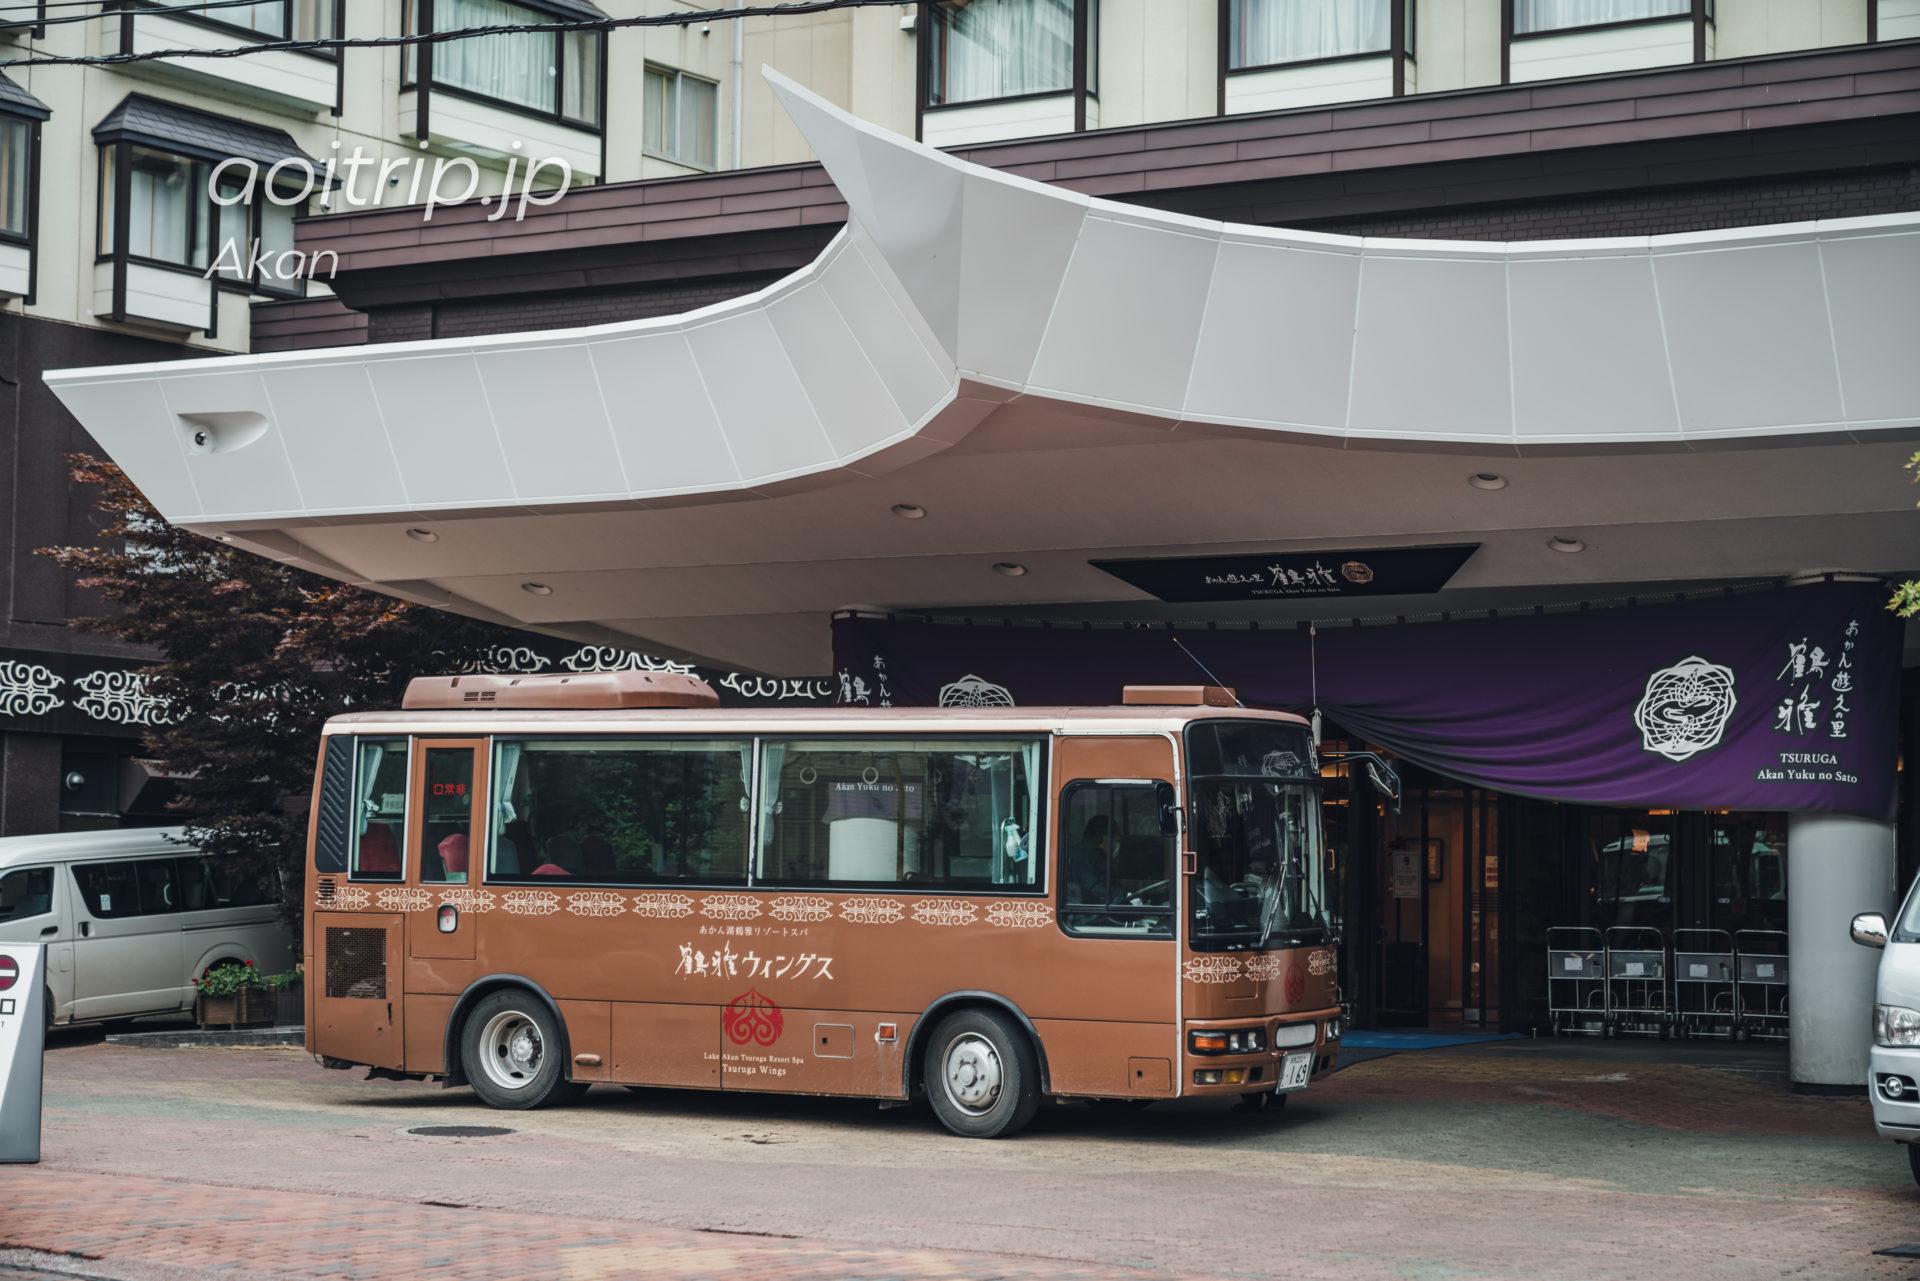 あかん遊久の里 鶴雅のシャトルバス